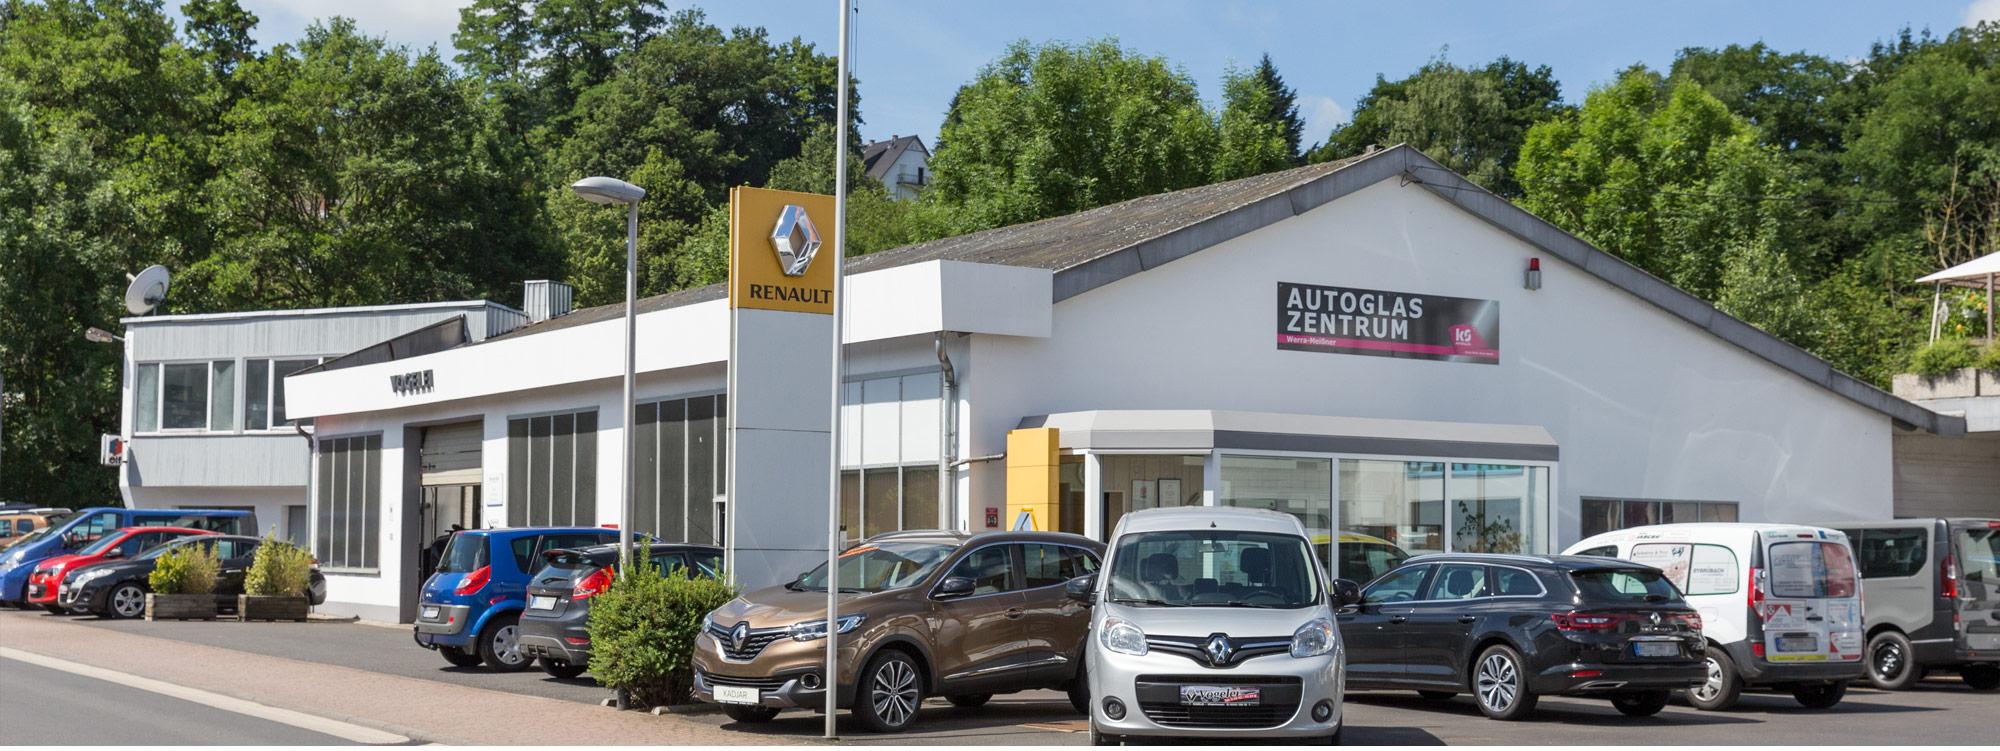 Autohaus Heinrich Vogelei Söhne Nachf. KG